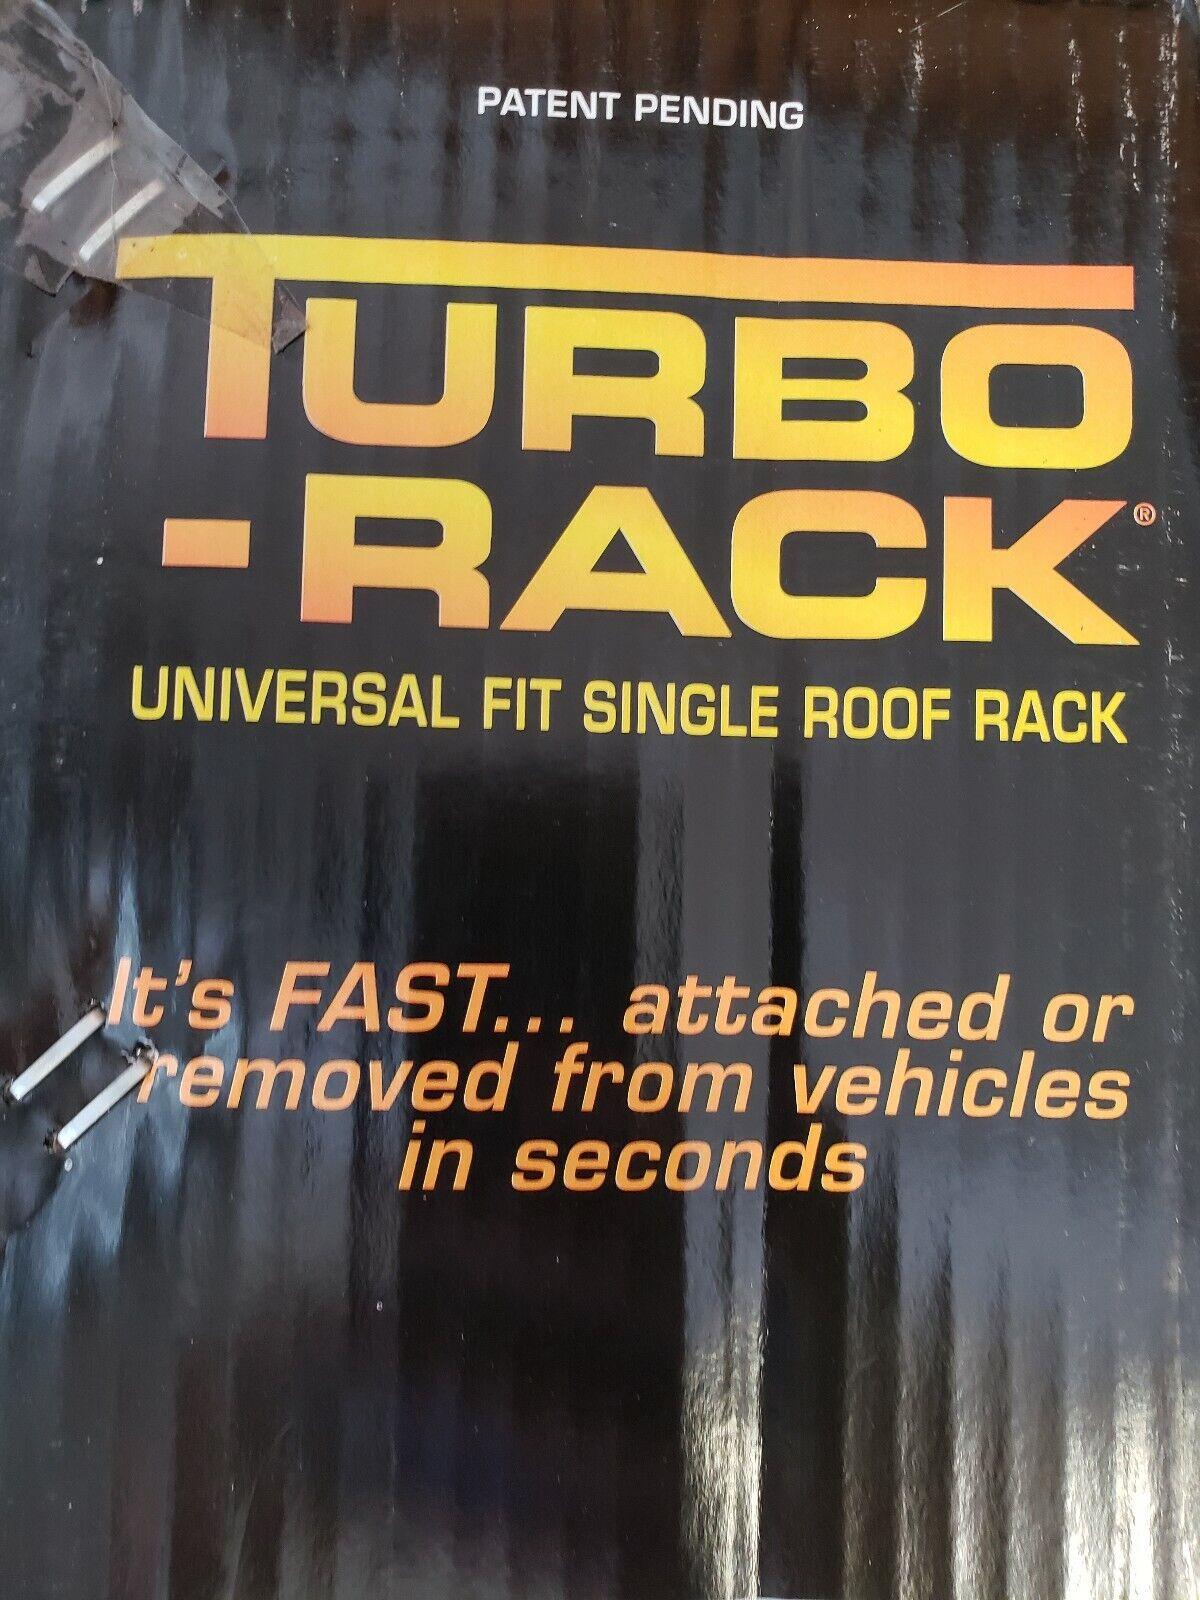 Darby Industries 968 Black Roof Turbo Rack